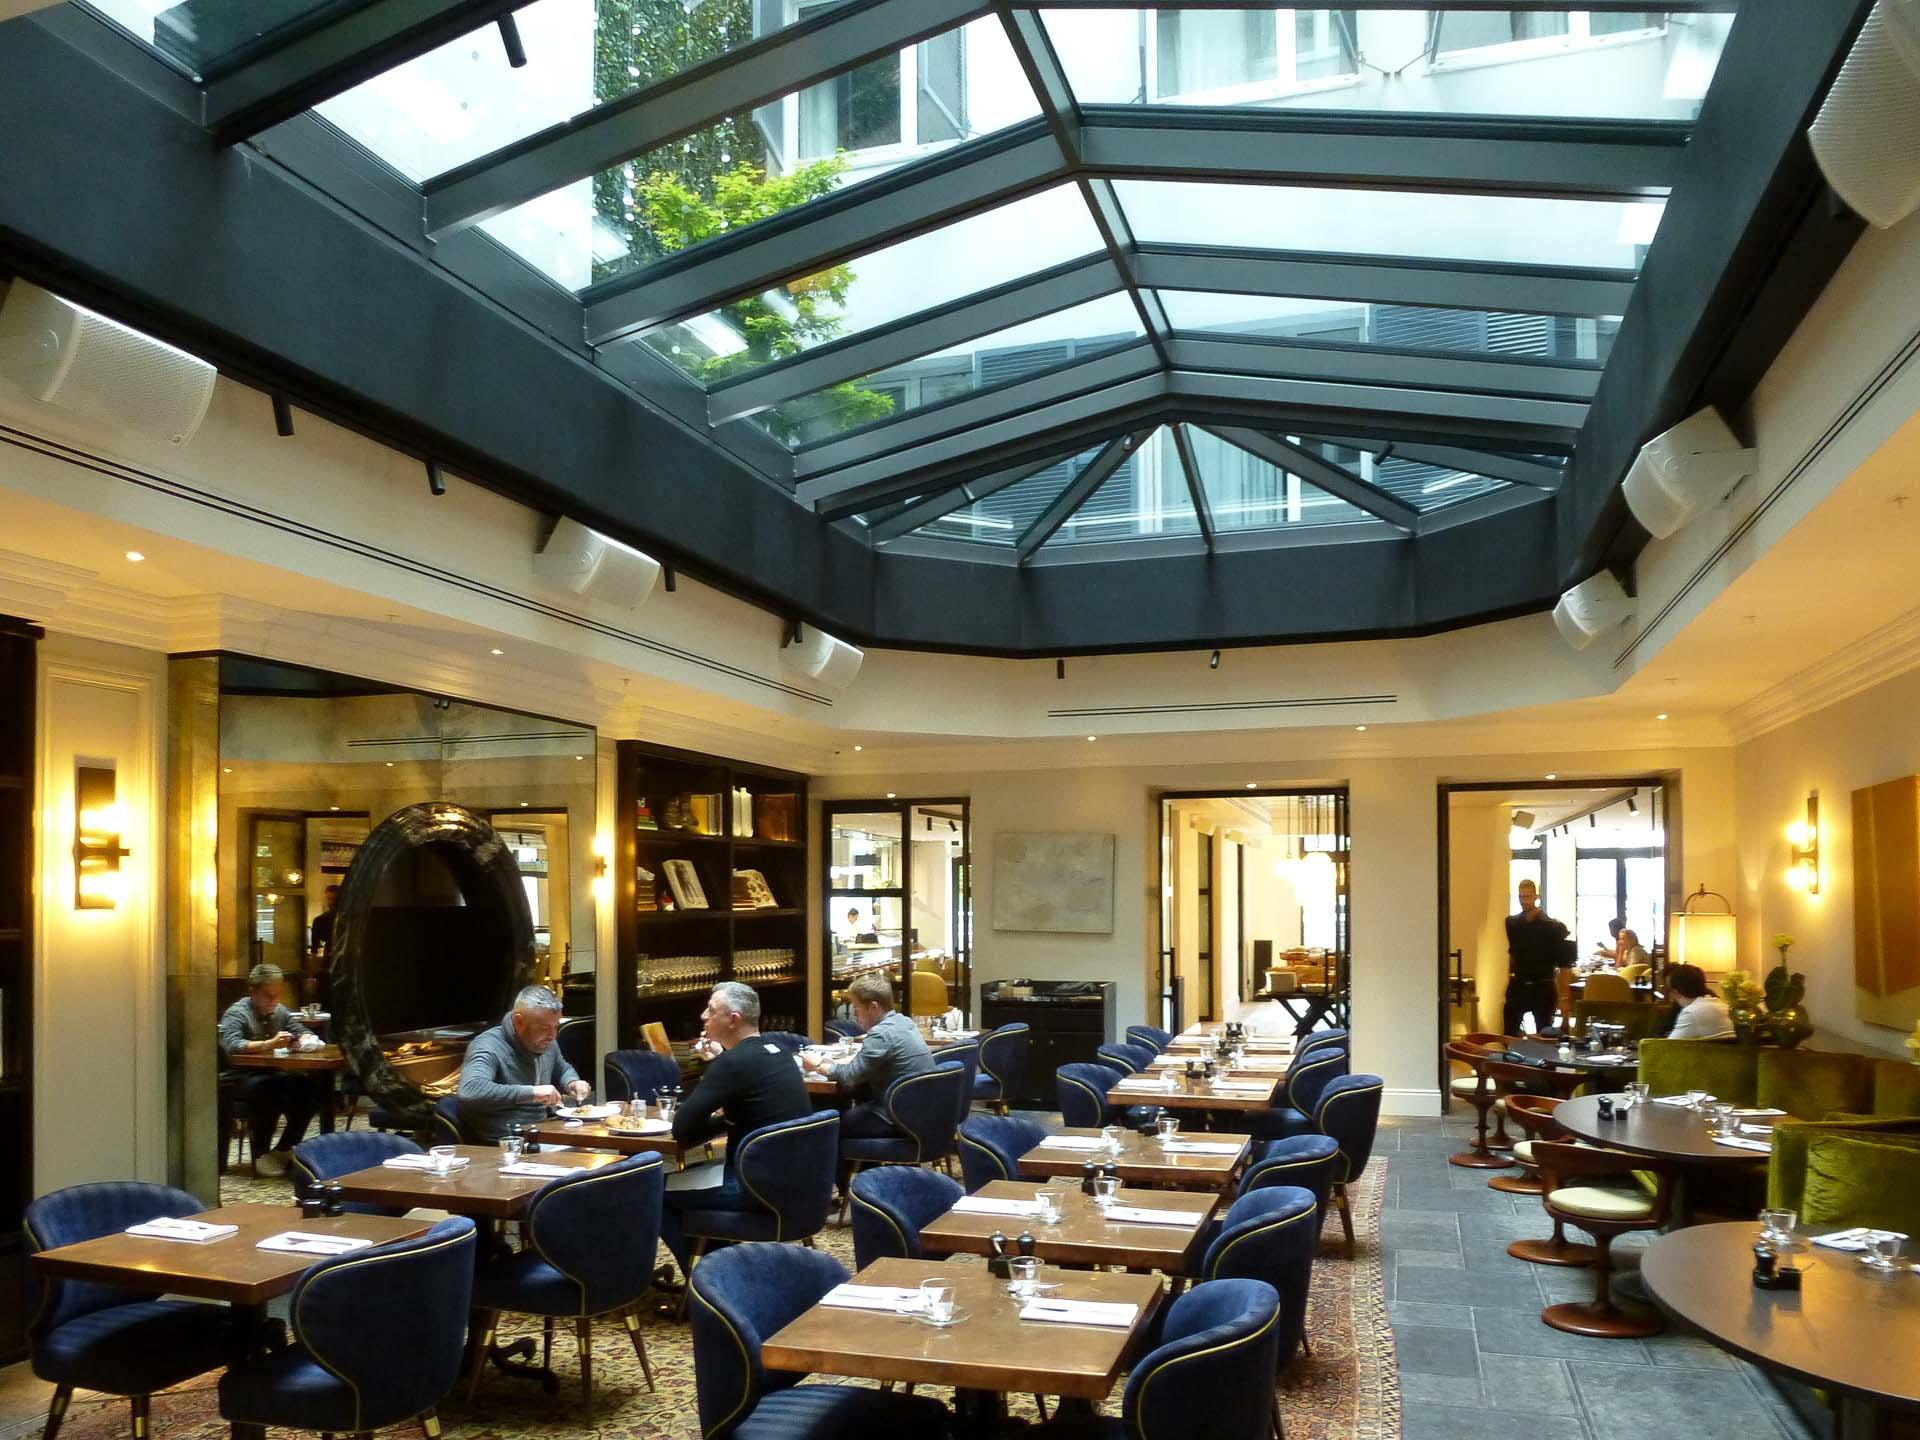 Cabrio Glasschiebedach in Hamburg (Objekt 1146). Cabrio Glasschiebedach in Hamburg schützt die Gäste des Sir Nicolai Hotels